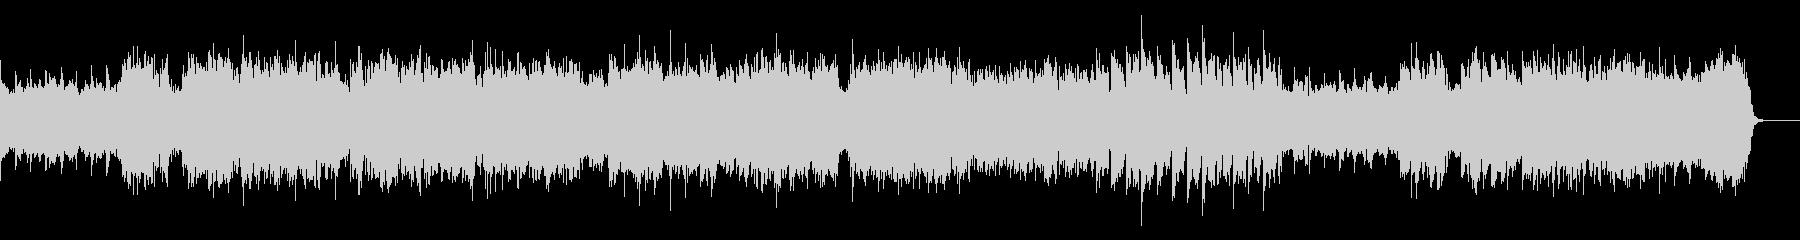 シンセの優しい系のバラードの未再生の波形